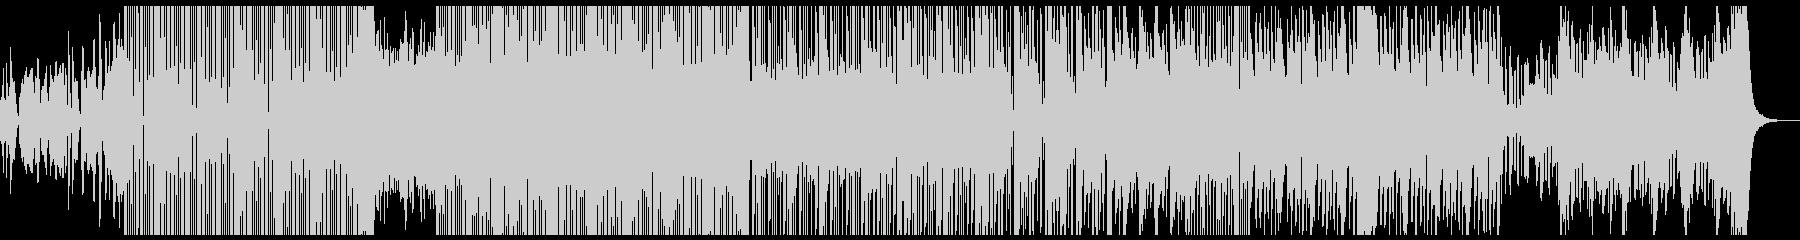 明るく陽気な雰囲気から、ダークな曲調にの未再生の波形